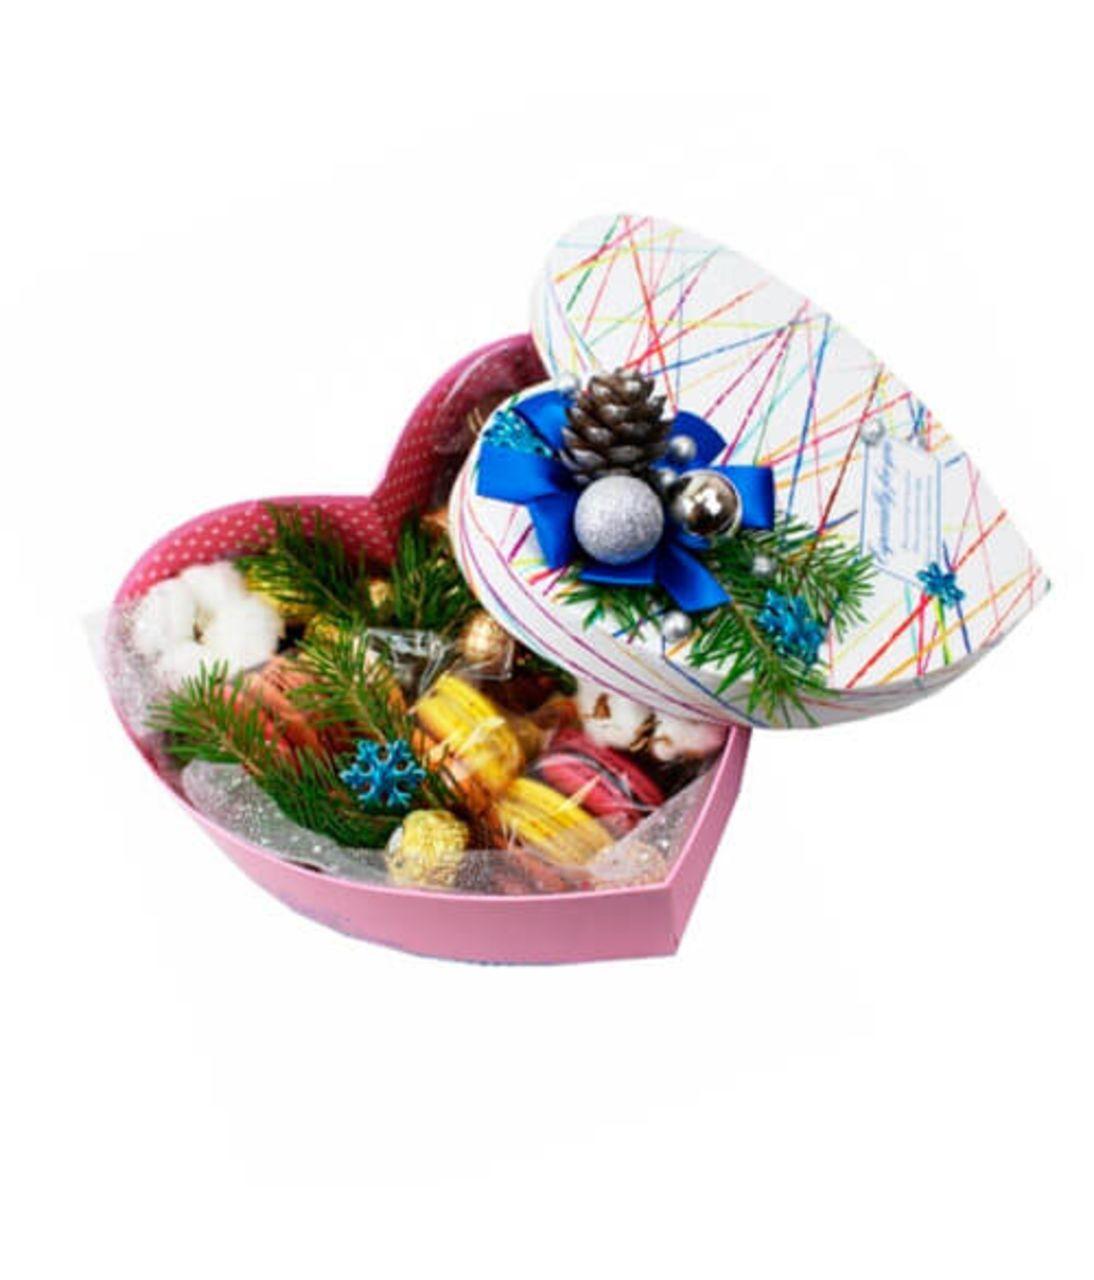 """Квіти в коробці на Новий Рік """"Ялинка"""". Superflowers.com.ua"""